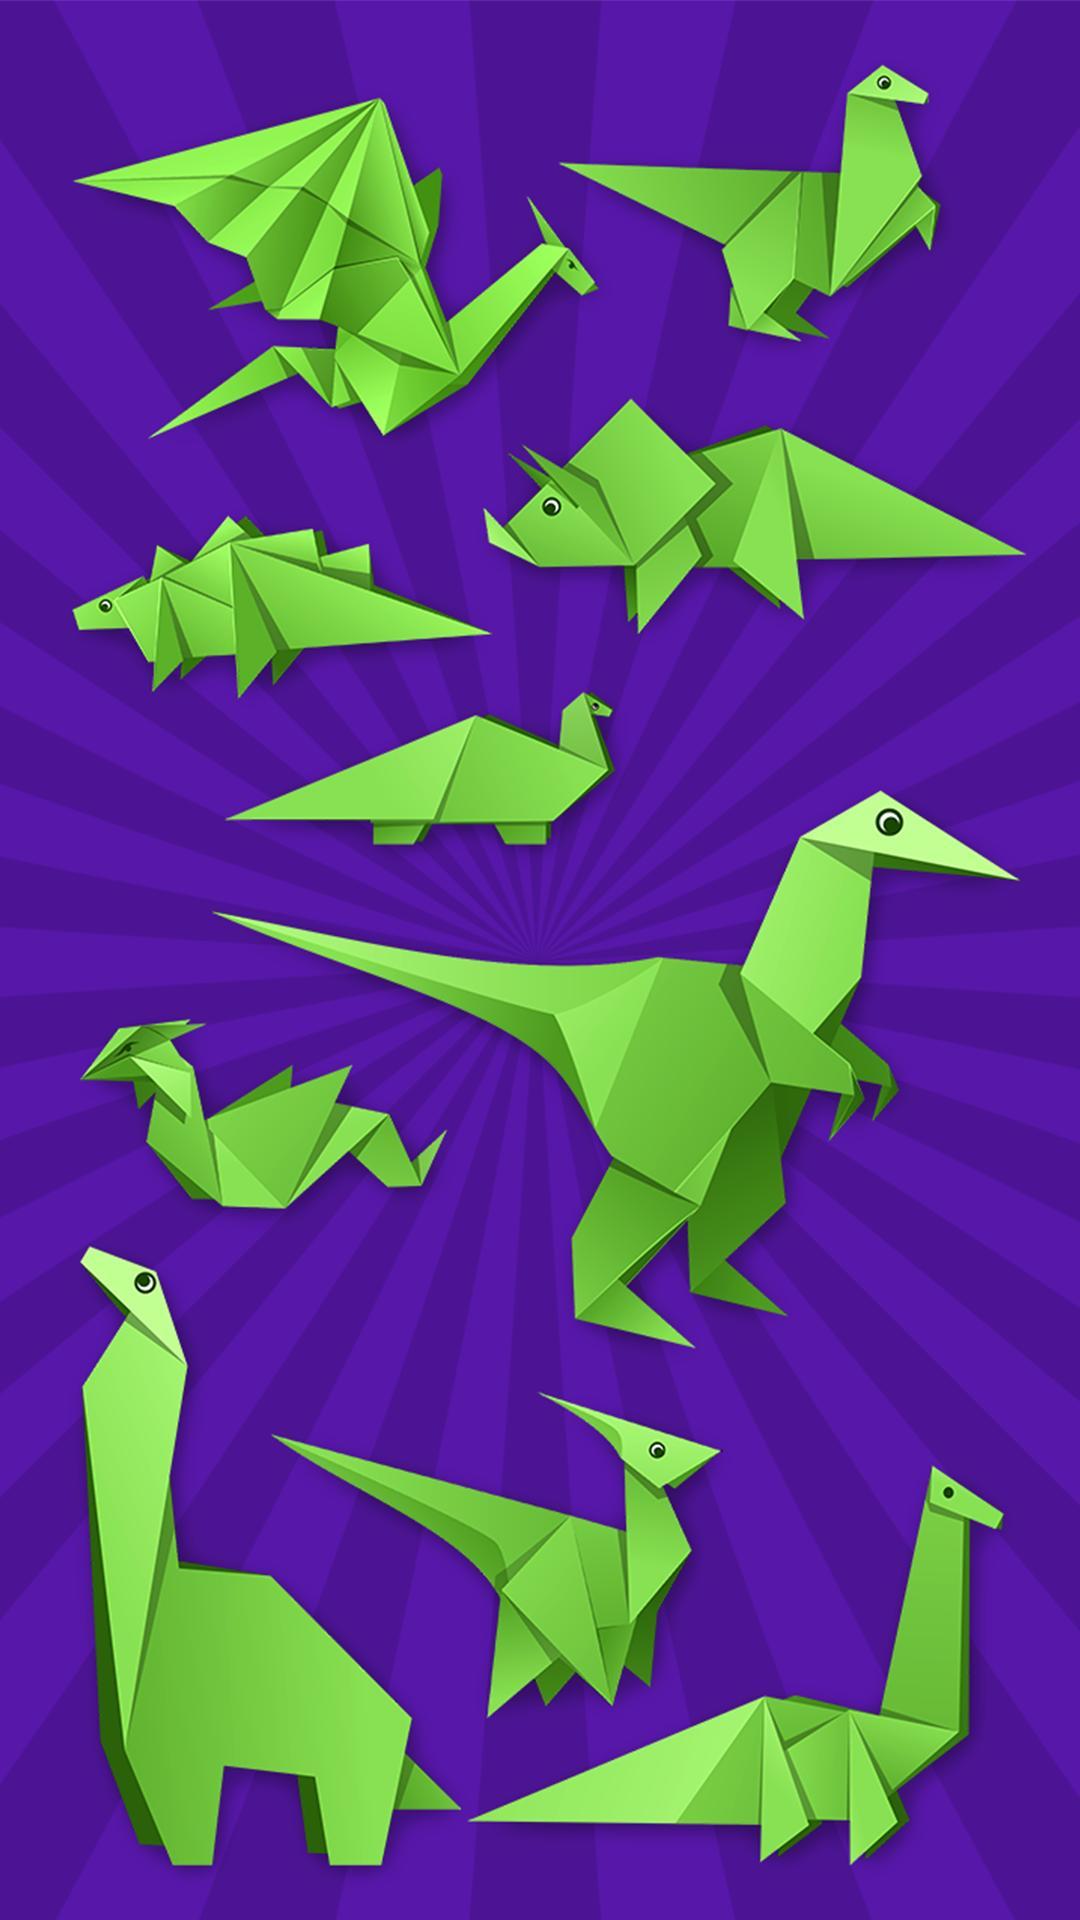 Origami Dinosaur Stock Illustrations – 189 Origami Dinosaur Stock ... | 1920x1080